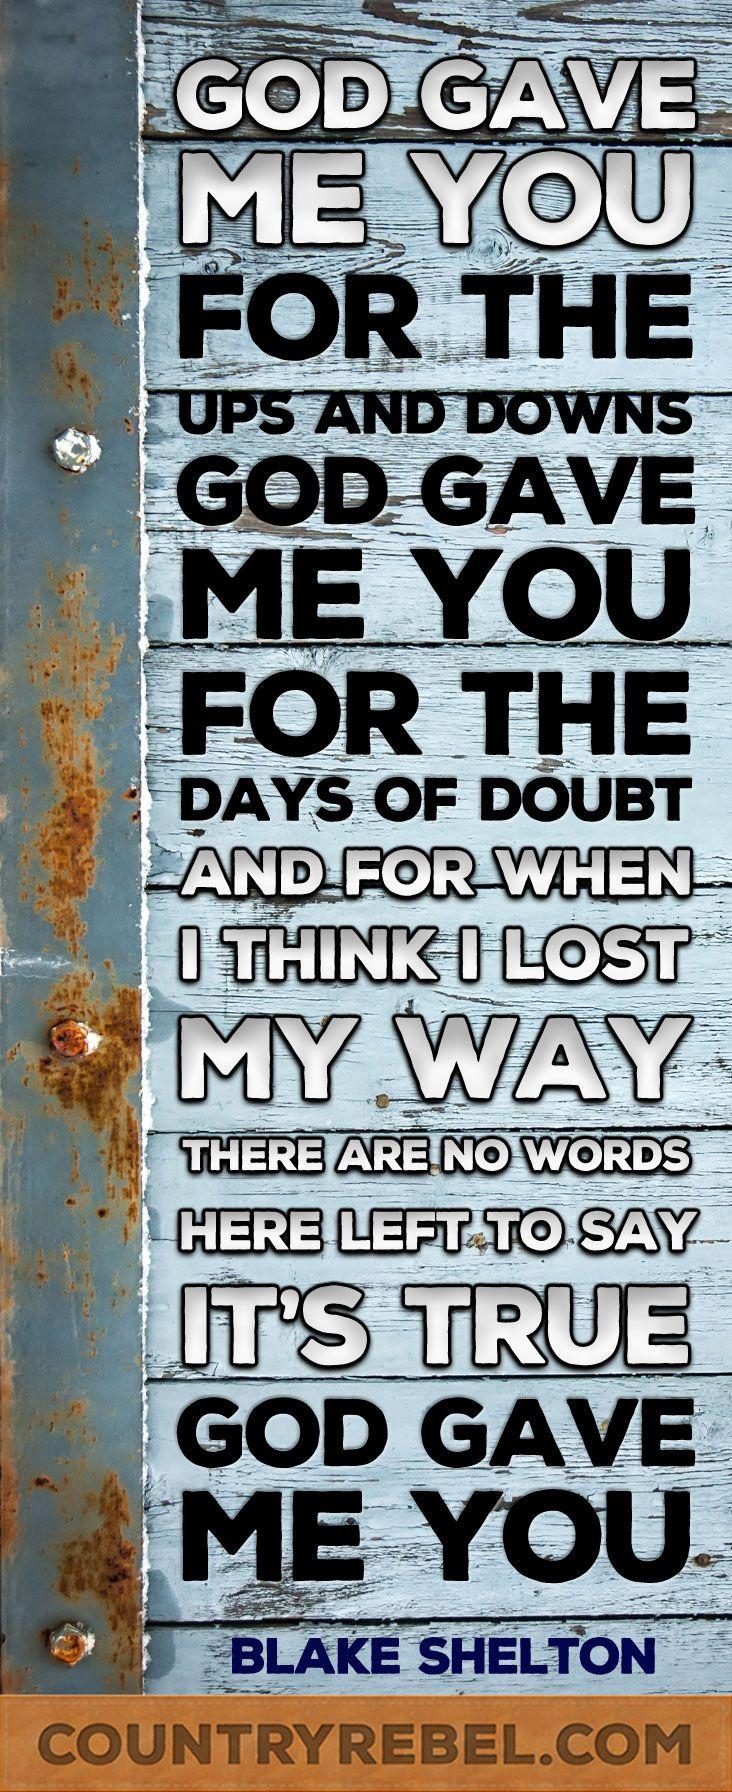 Wiz Khalifa - See You Again Ft.Charlie Puth (Lyrics) [Fast ...